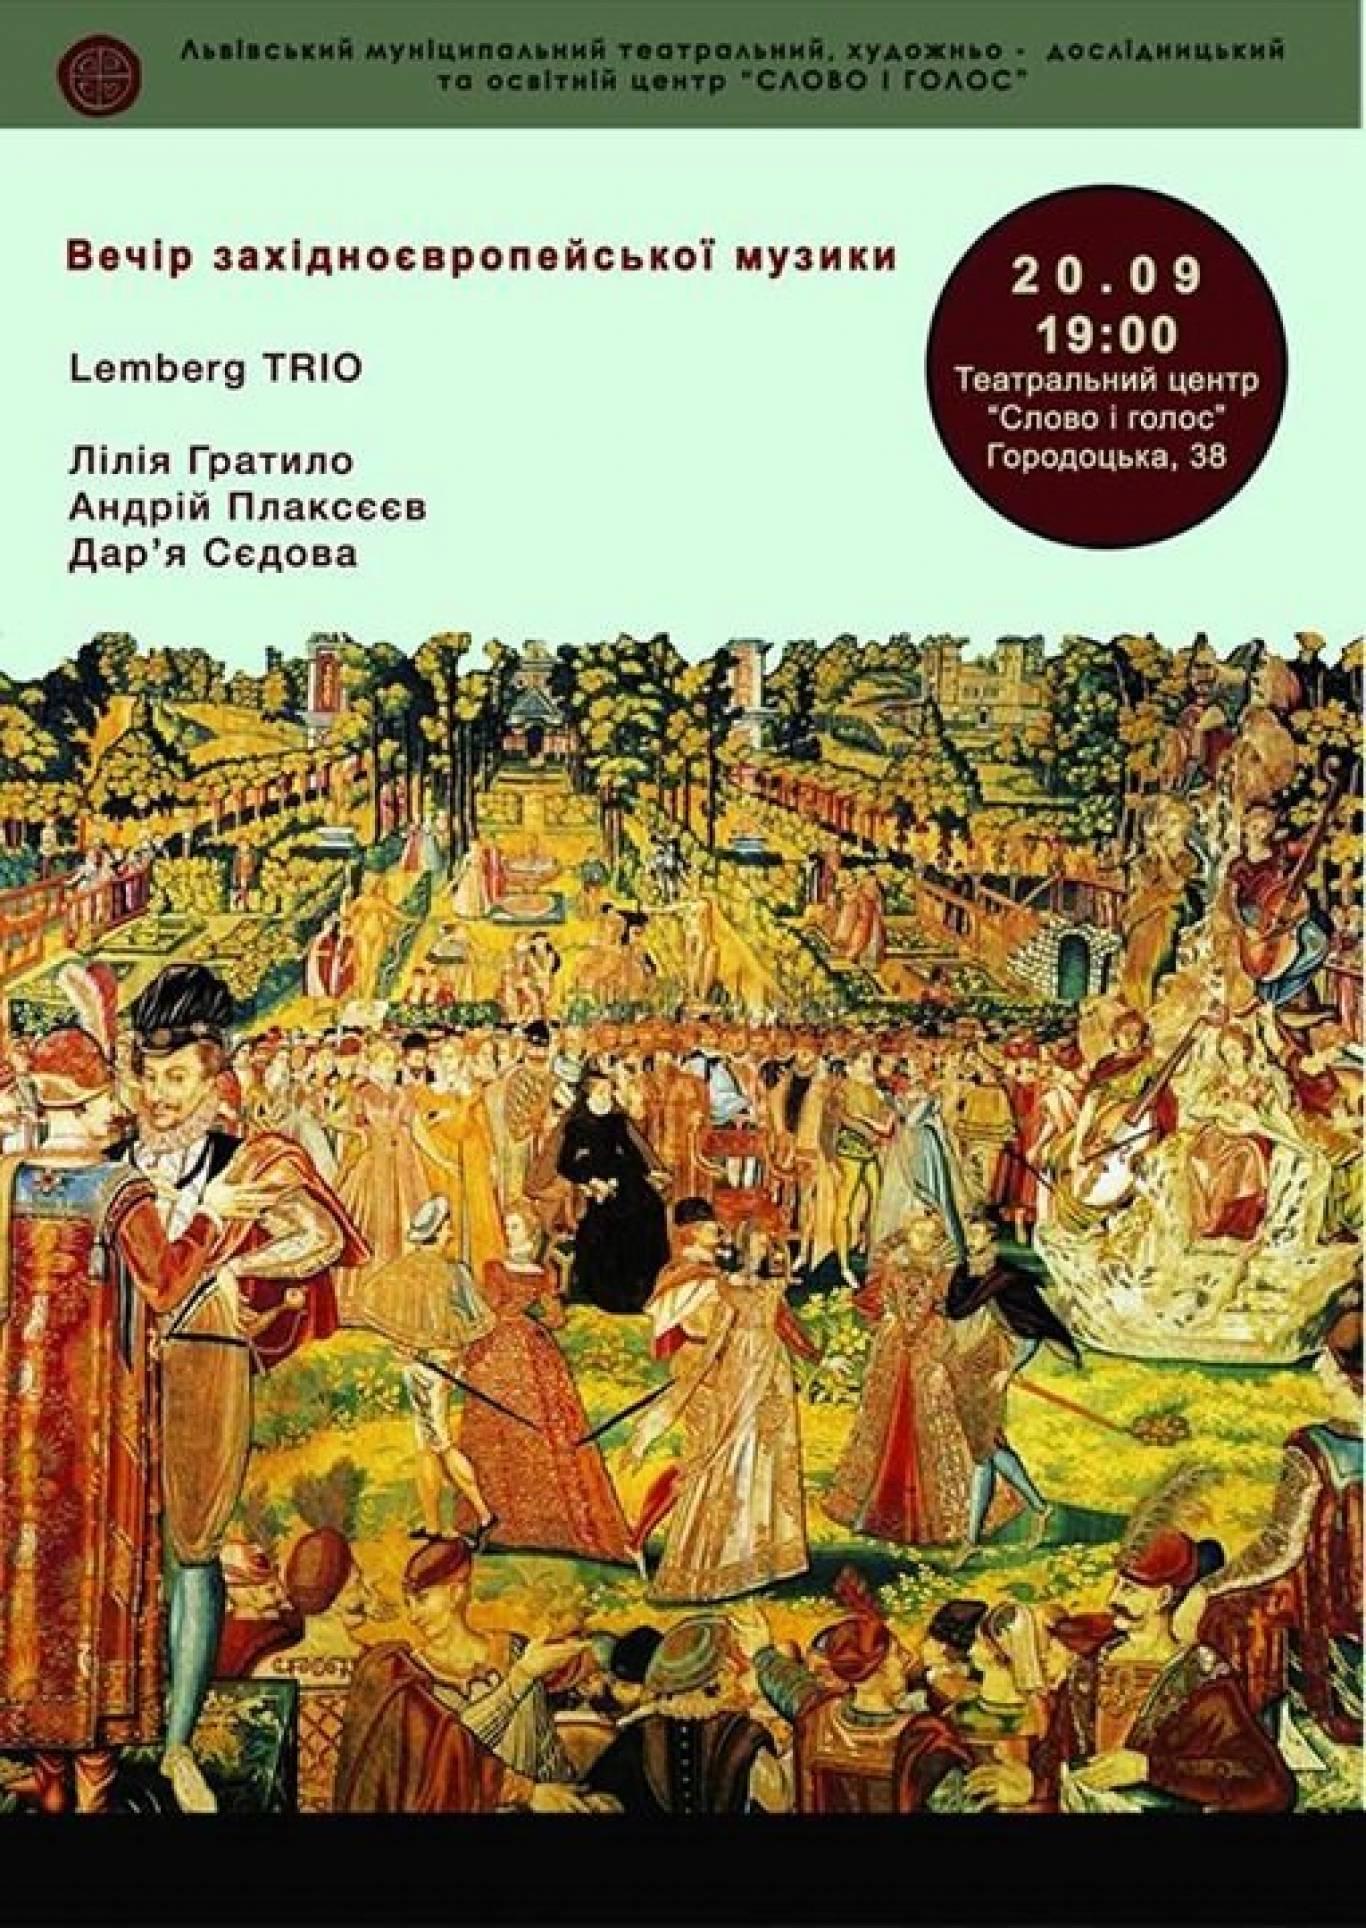 Вечір західноєвропейської музики